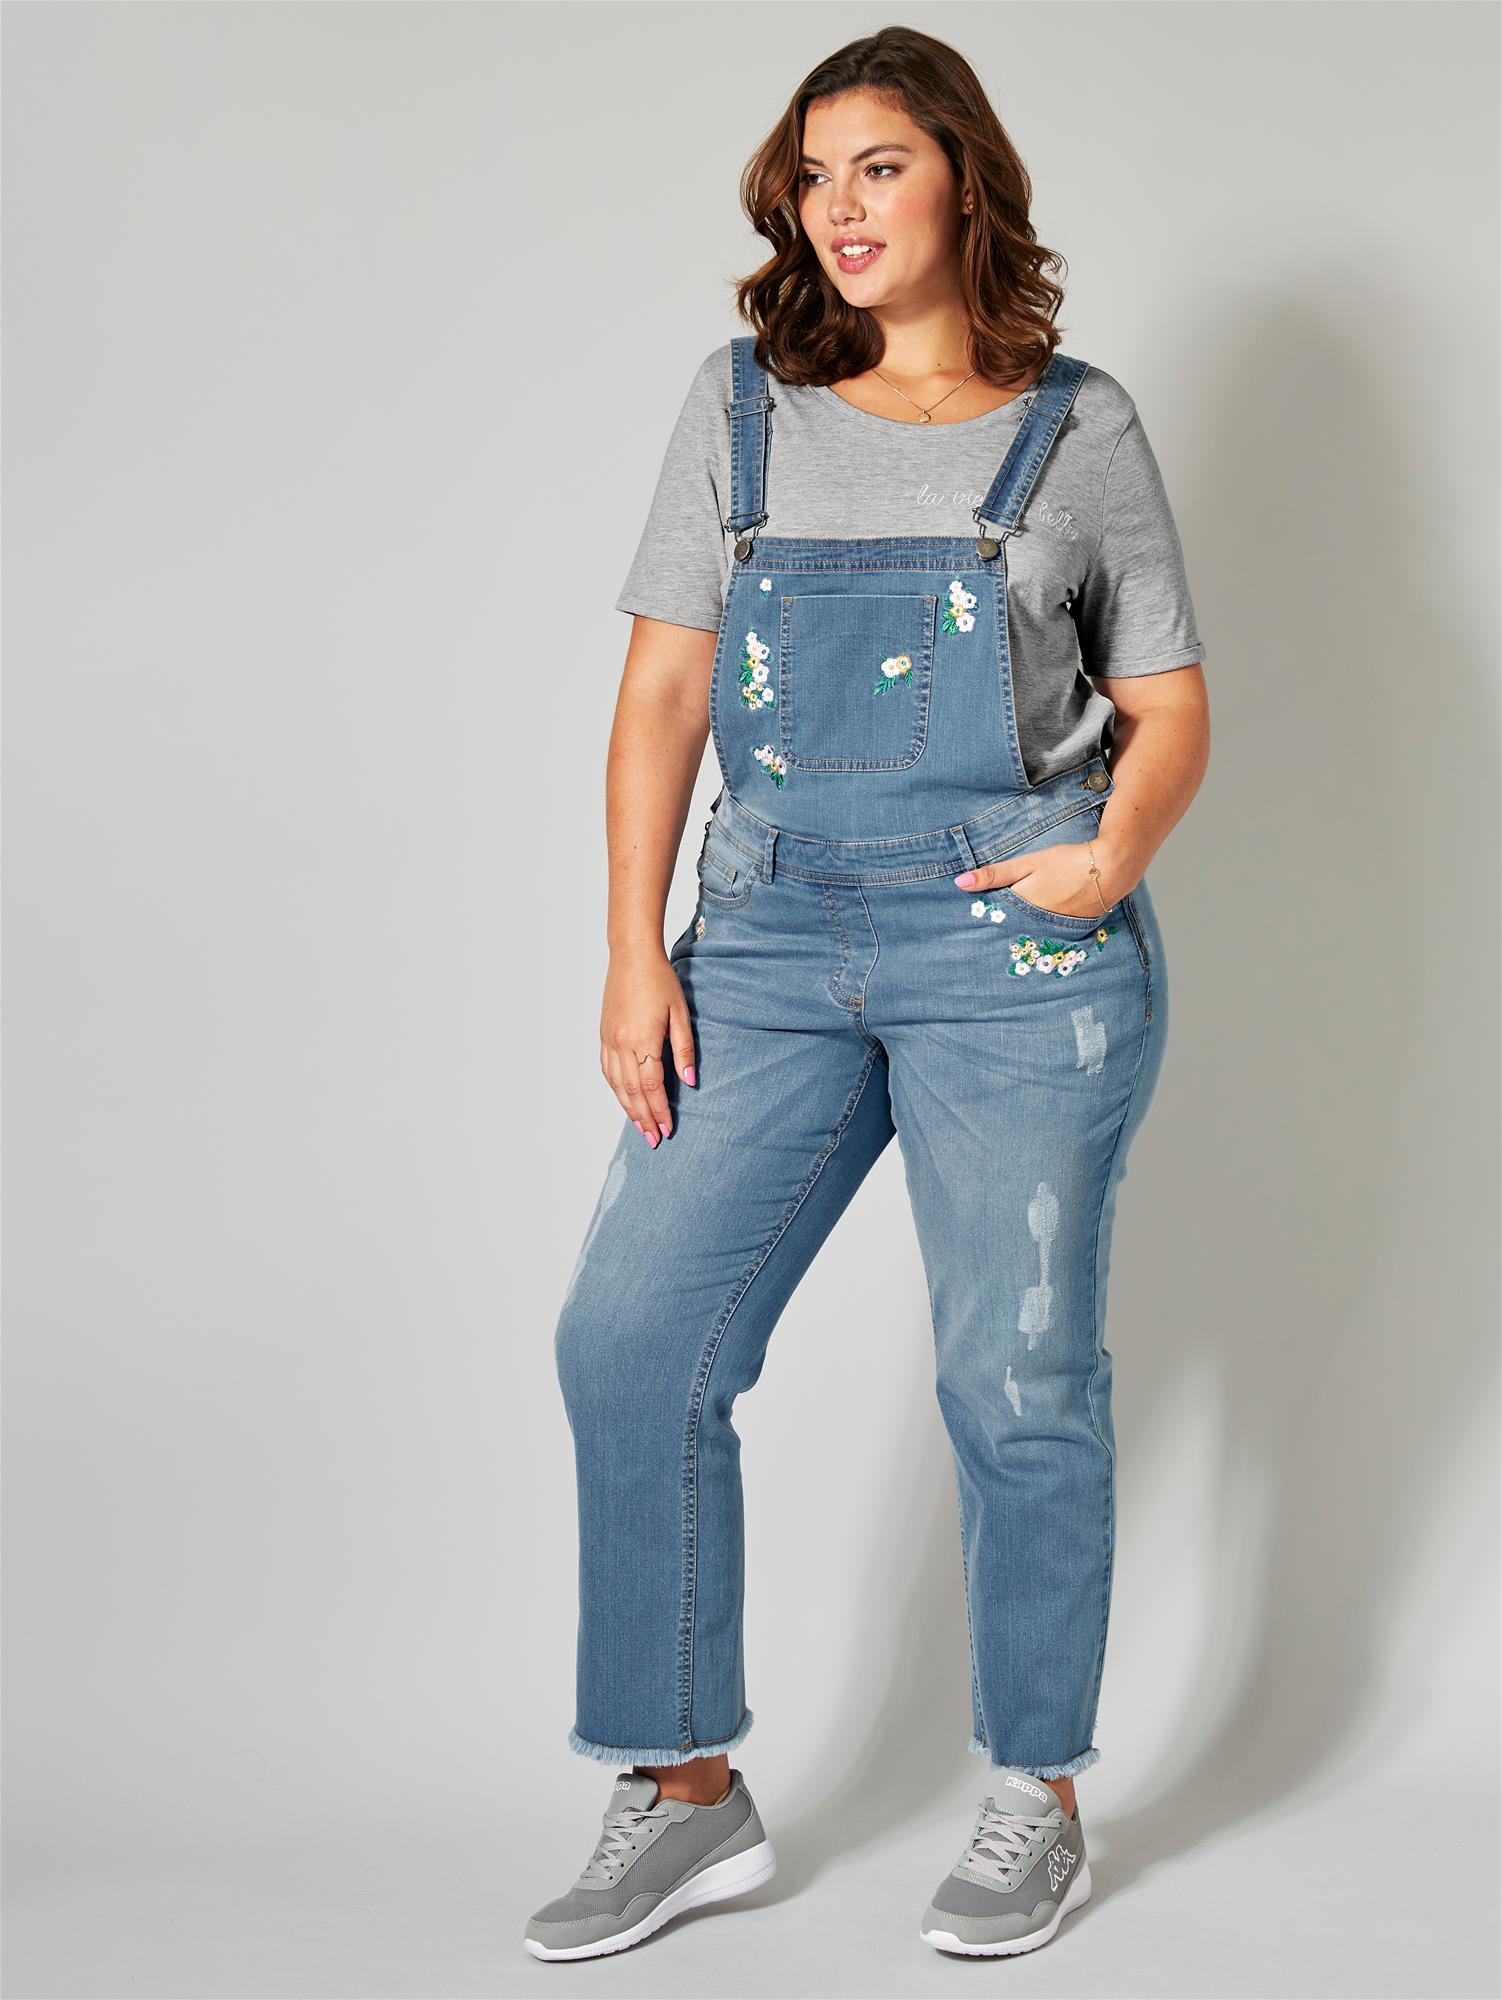 Aikuinen nainenkin voi näyttää hyvältä muodissa olevissa farkkuhaalareissa.